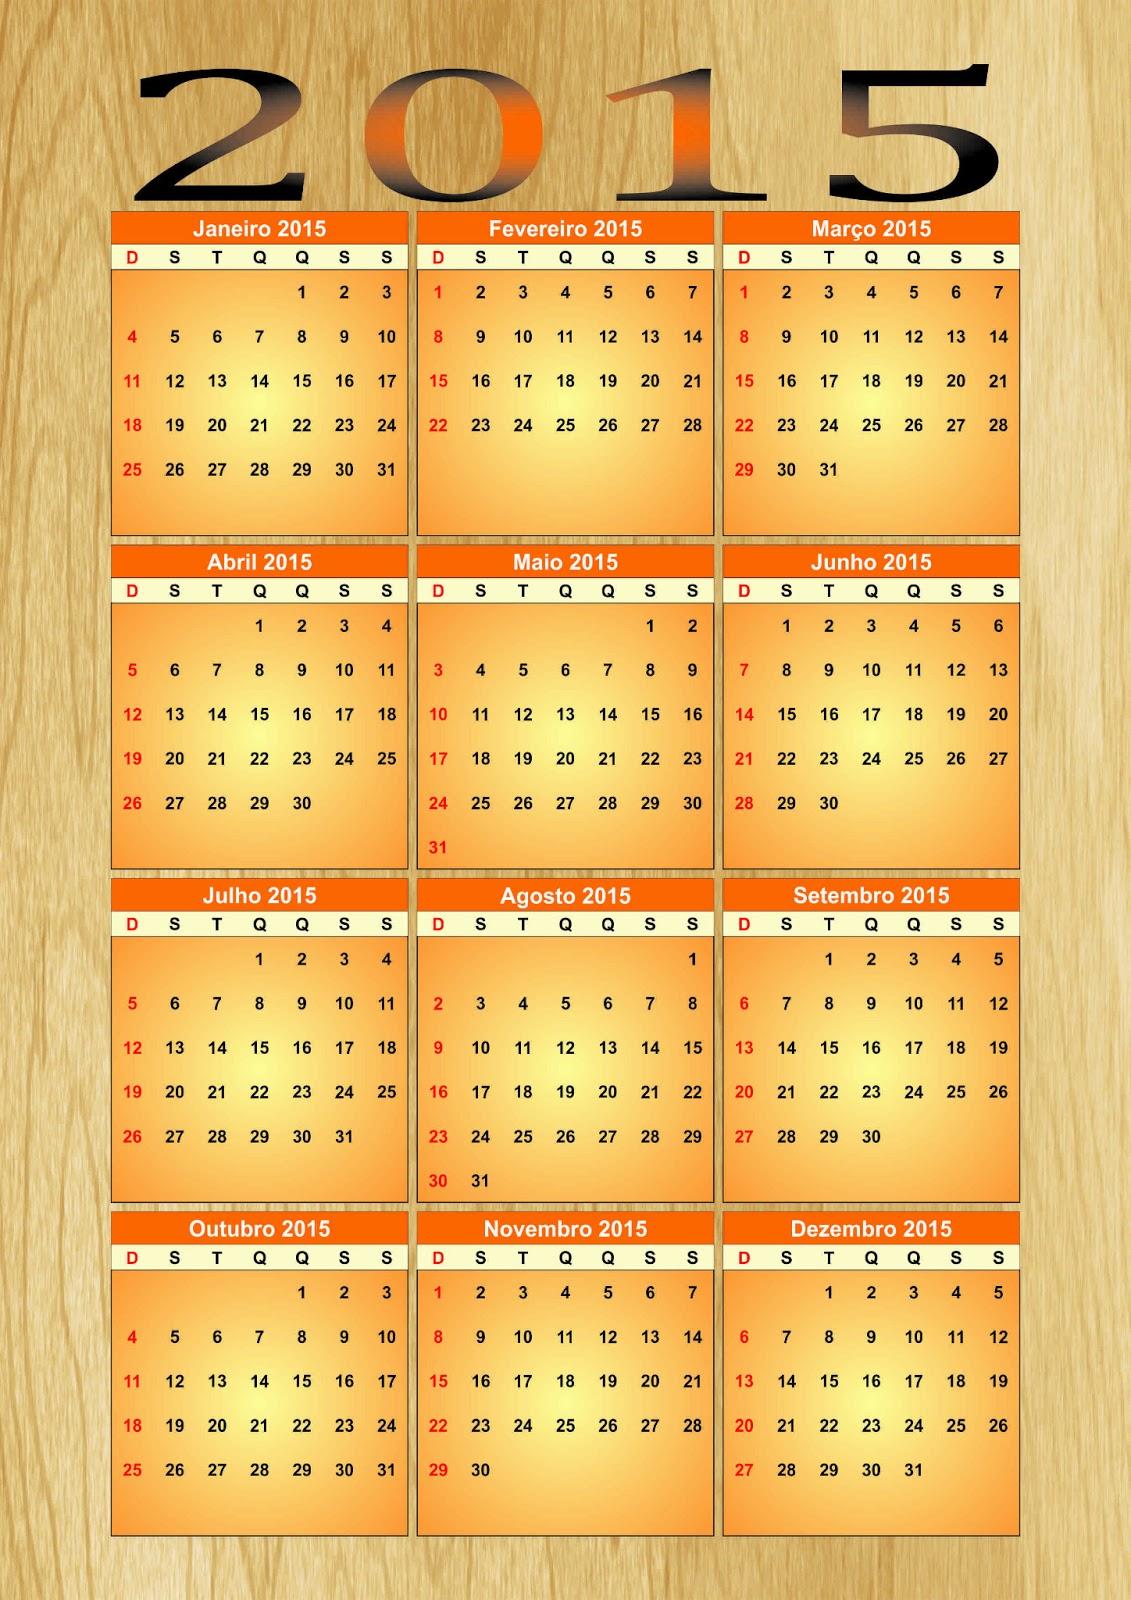 calendario2015-2cdd96